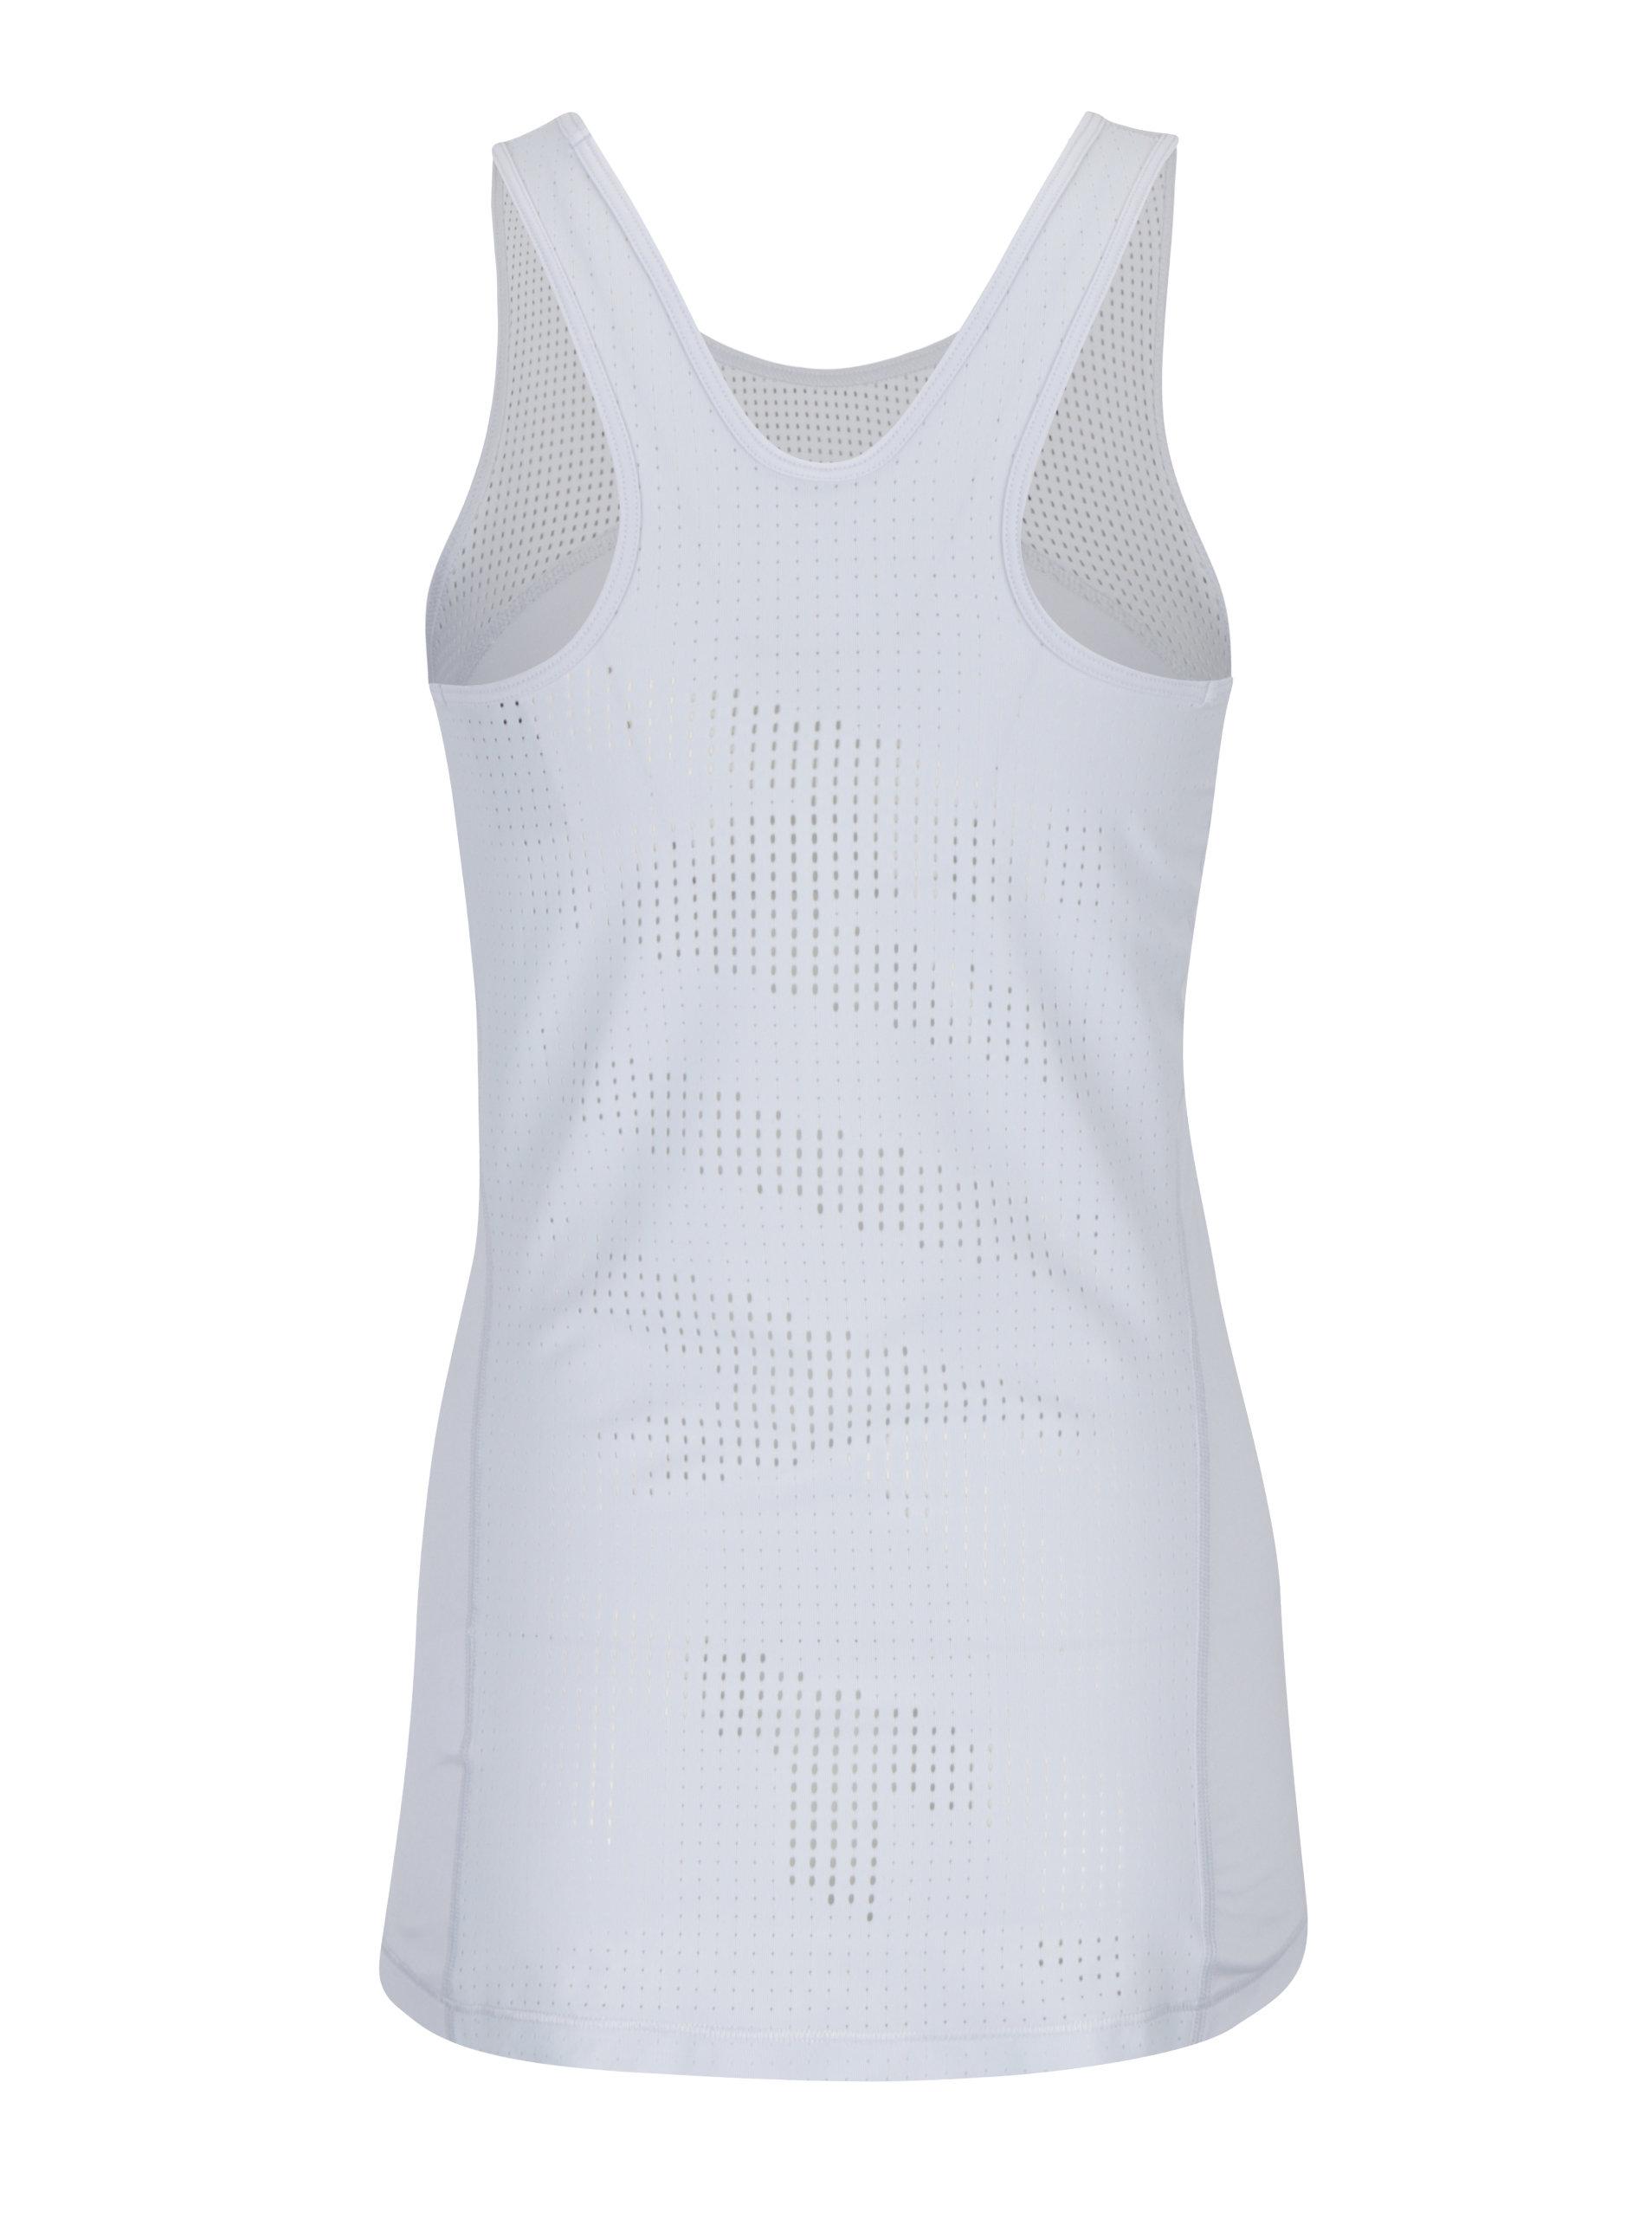 6b4562489dcd Svetlosivé dámske funkčné tielko Nike ...